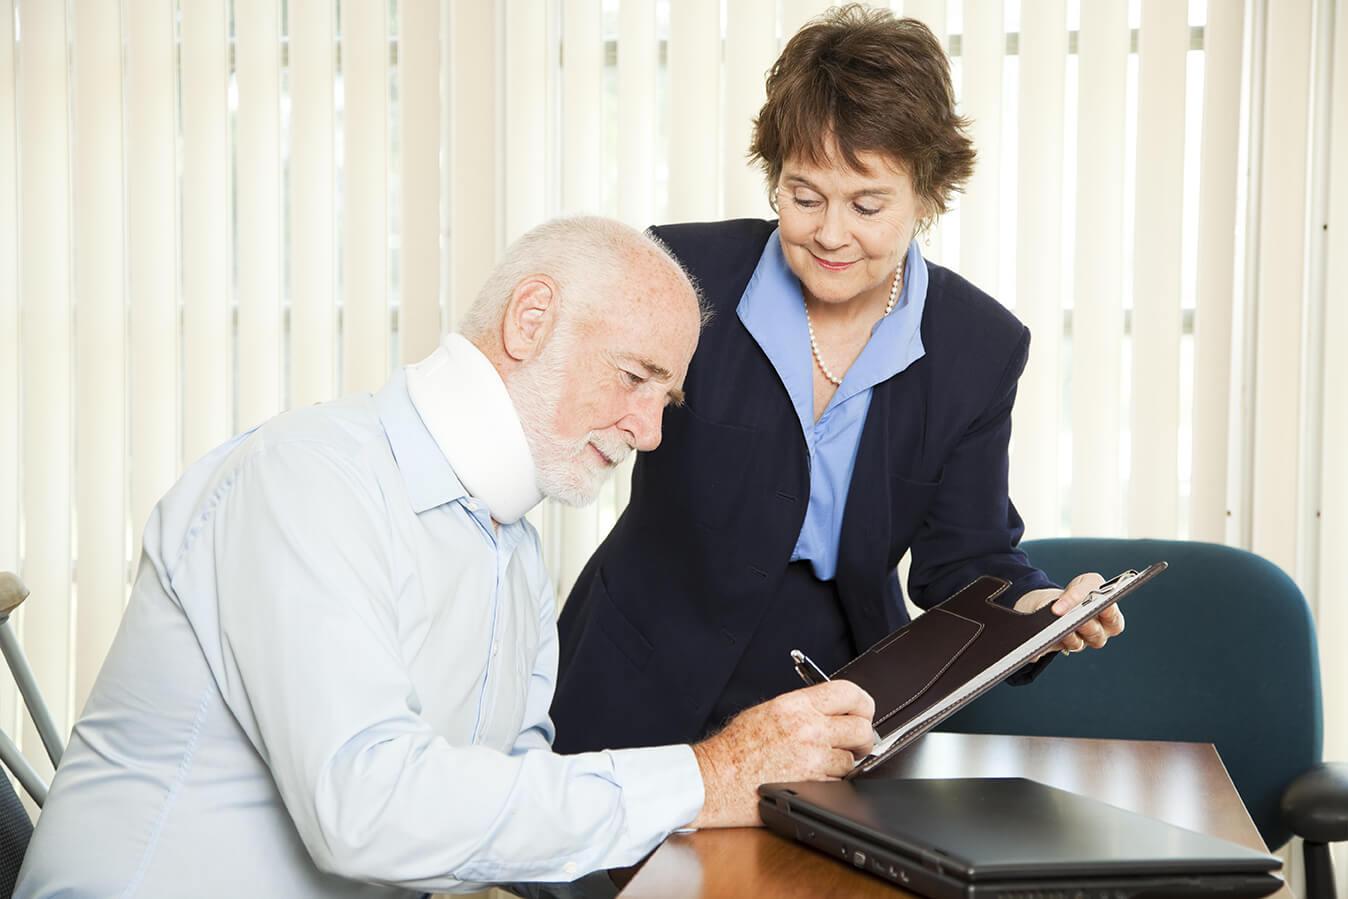 Как вызвать нотариуса на дом к лежачему инвалиду